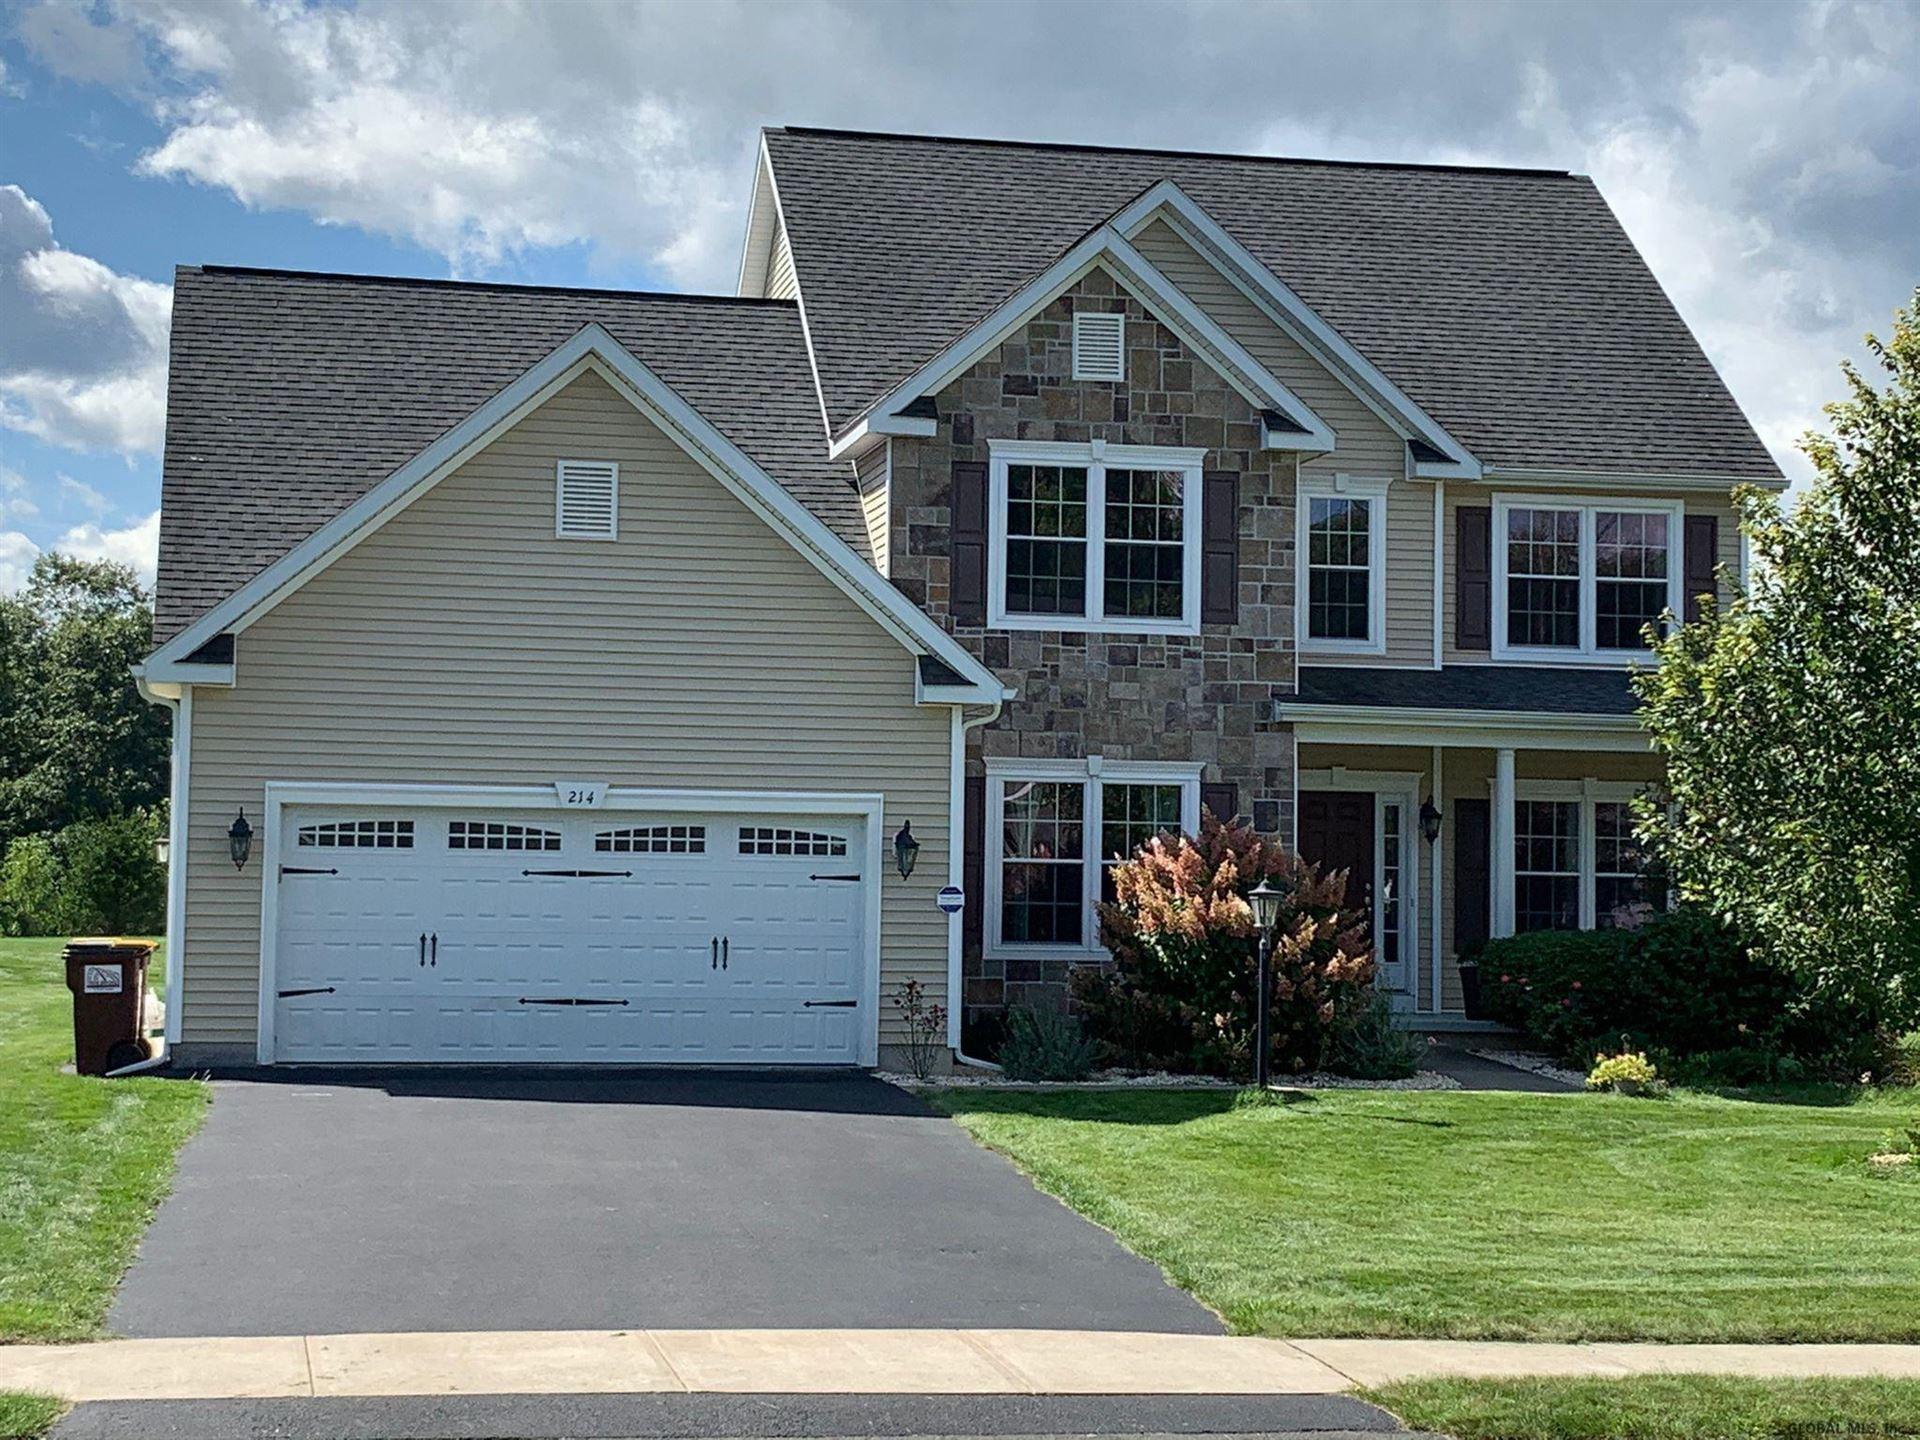 214 LANDBRIDGE DR                                                                               Guilderland                                                                      , NY - $579,000